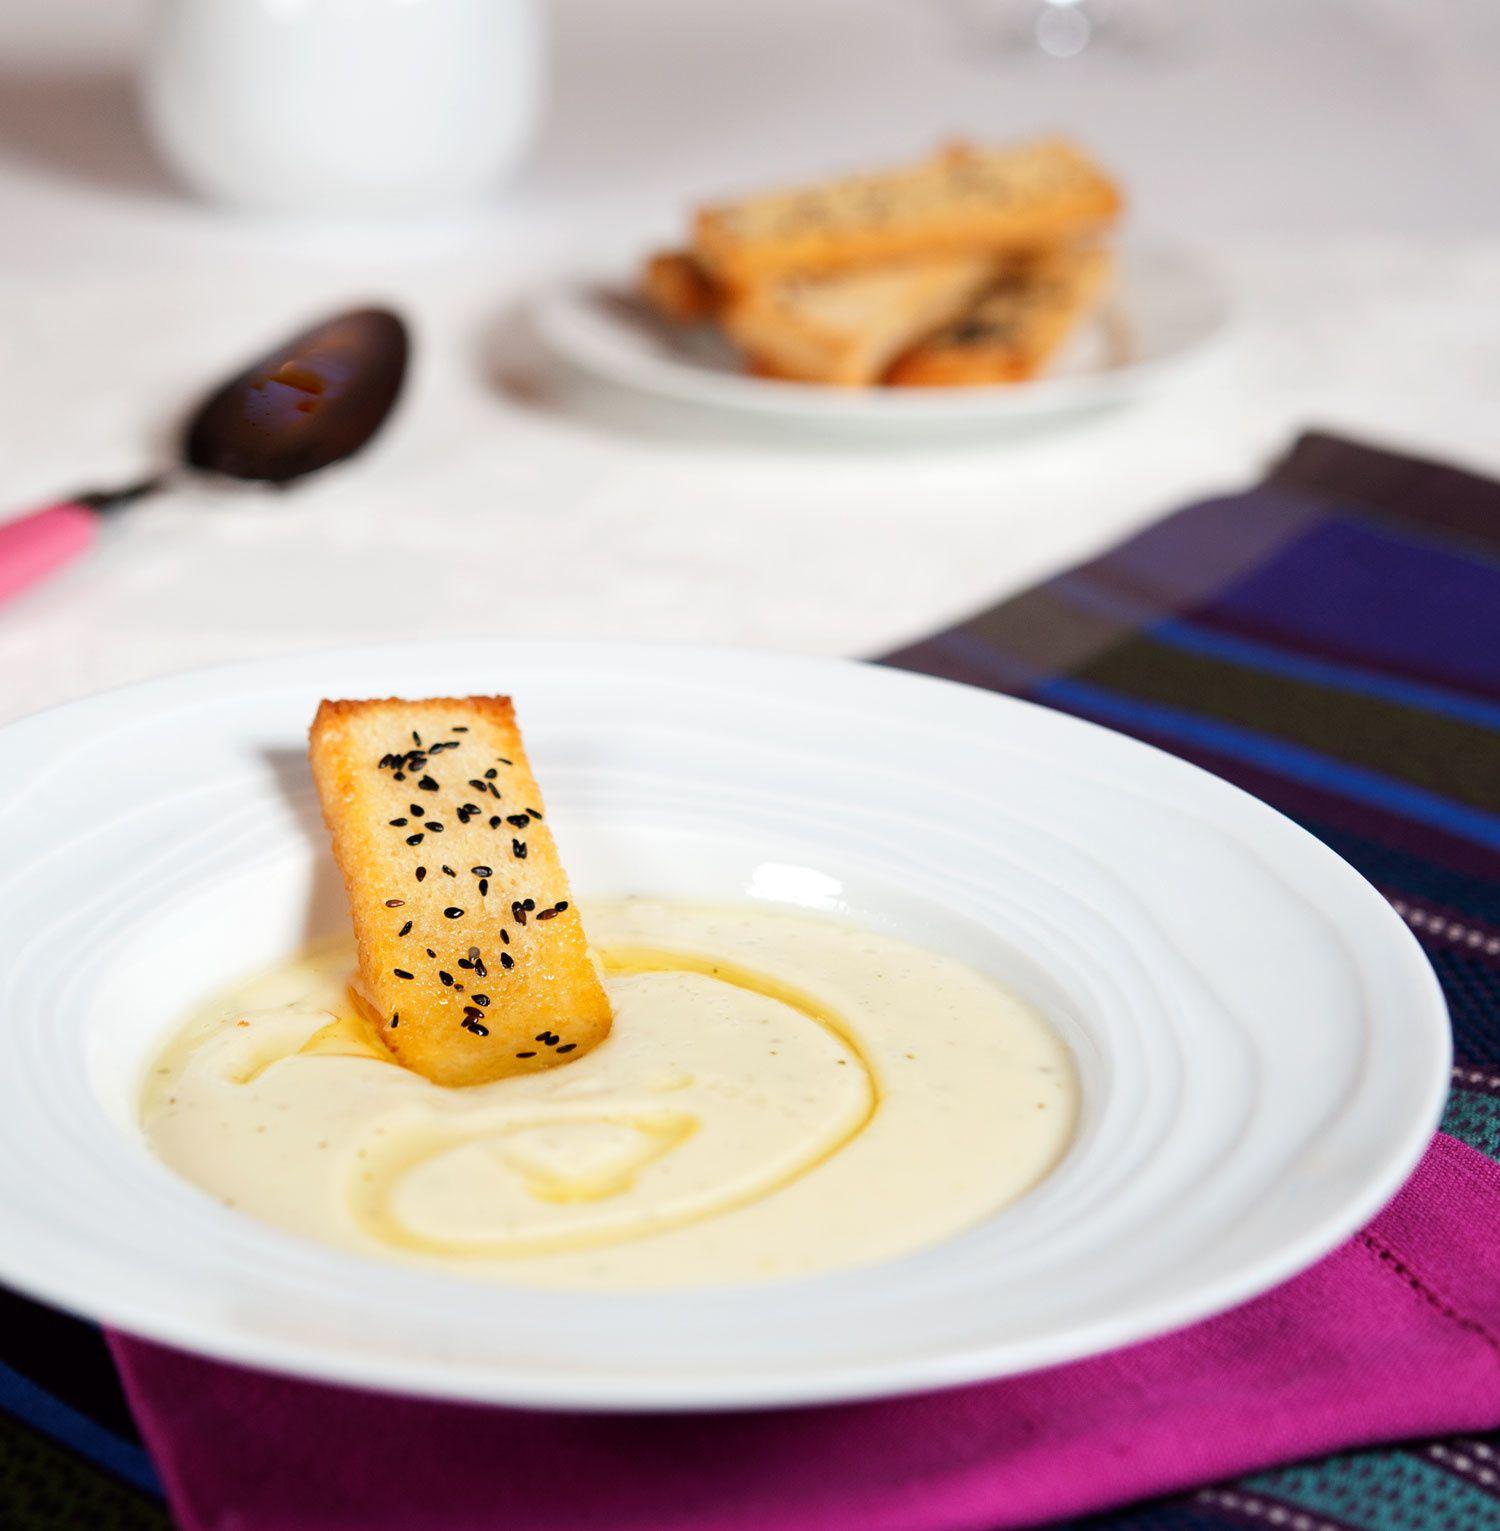 Velouté de panais au wasabi, toasts au sésame noir